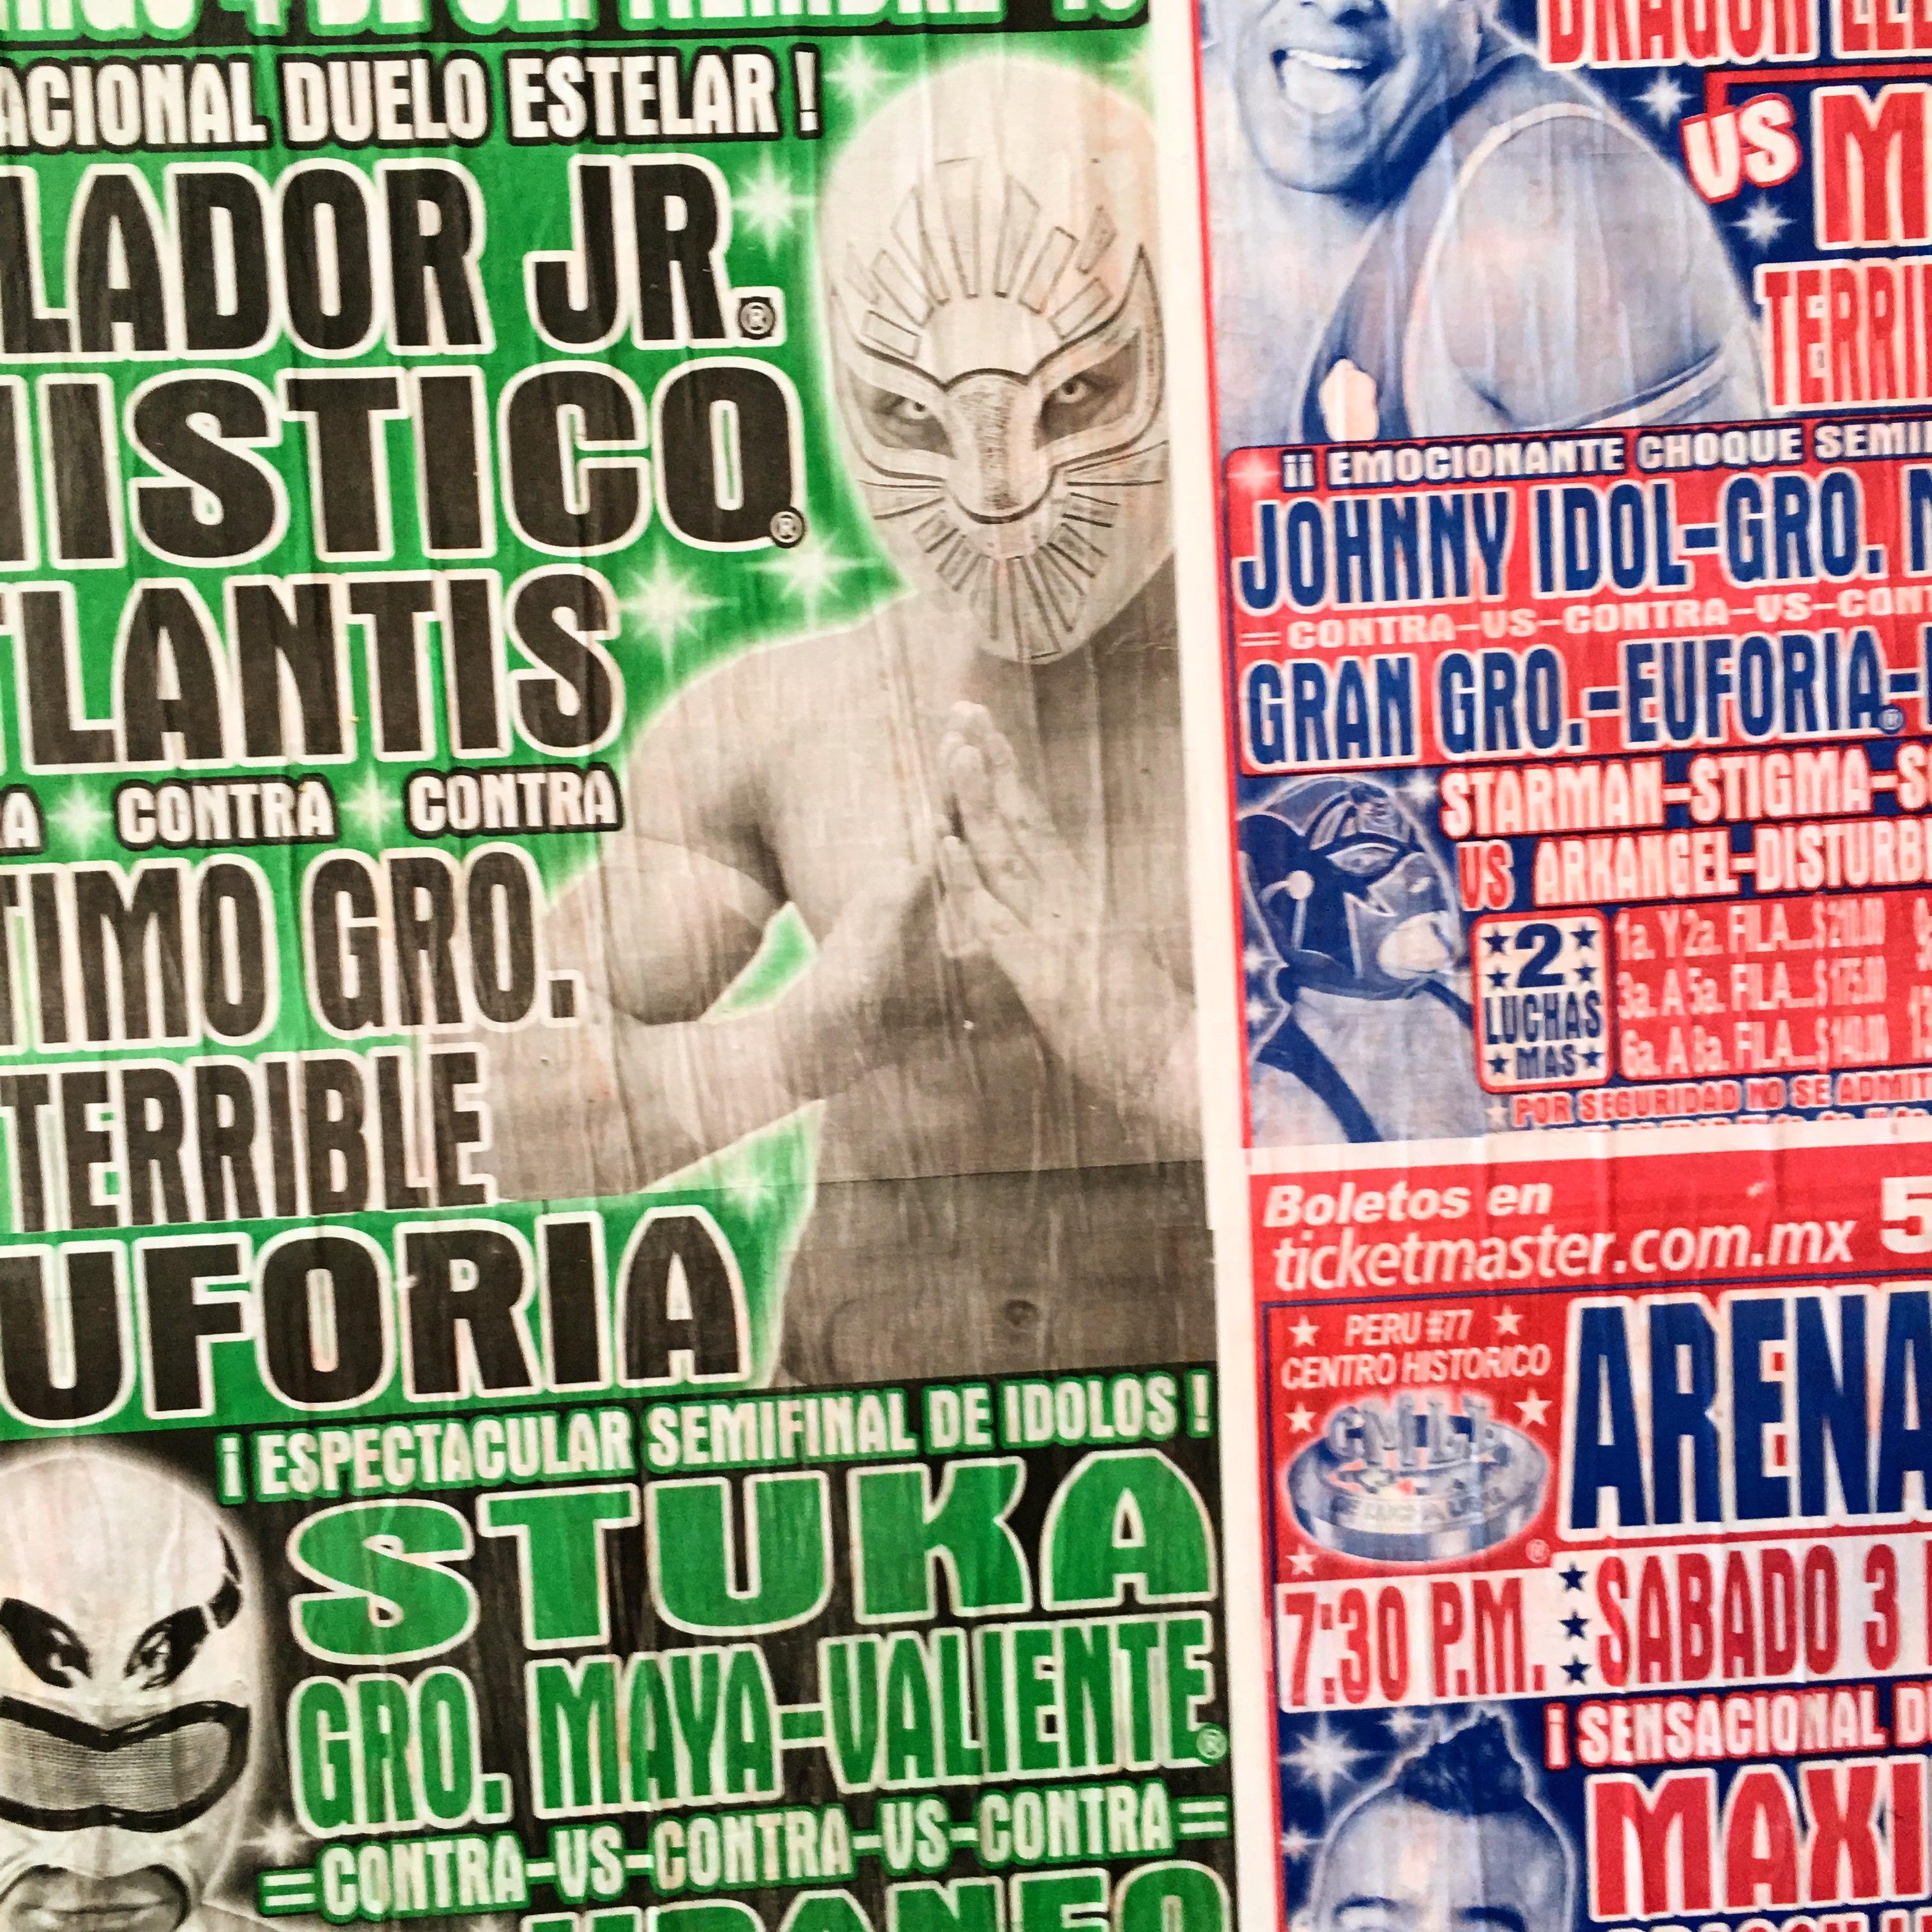 Mexico : la nuit au catch (la lucha libre)